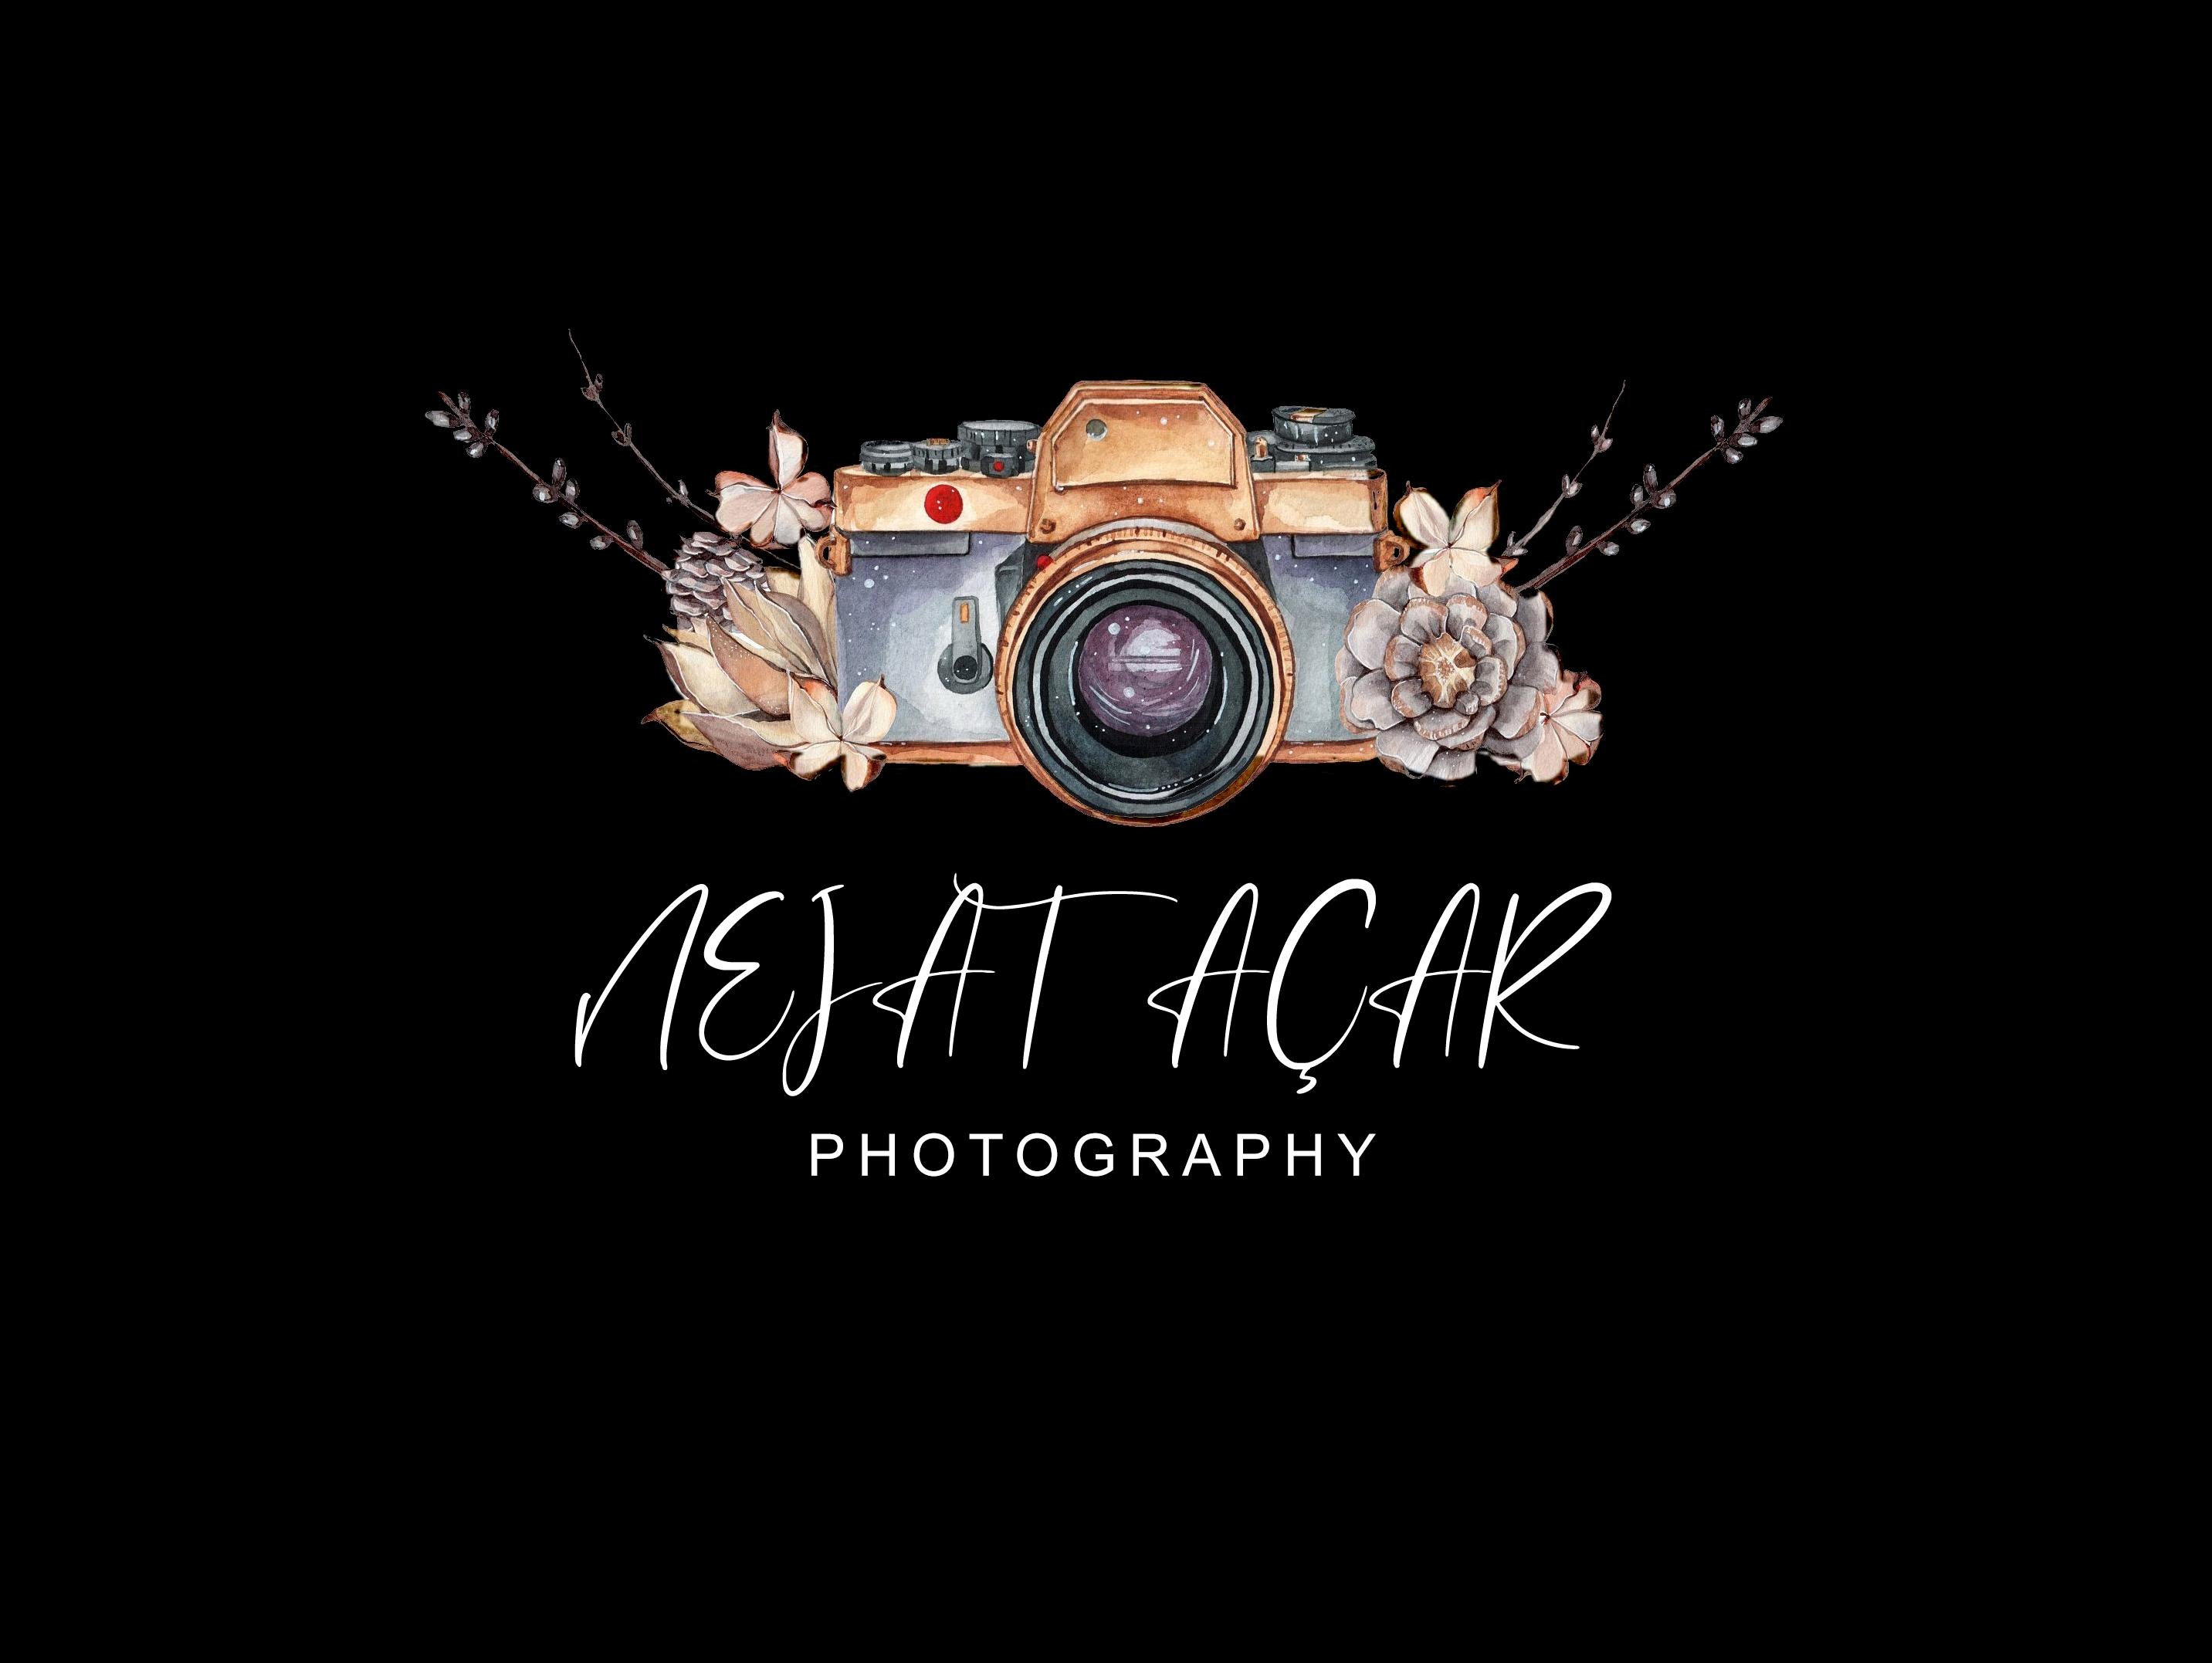 Nejat Açar Fotoğrafçılık